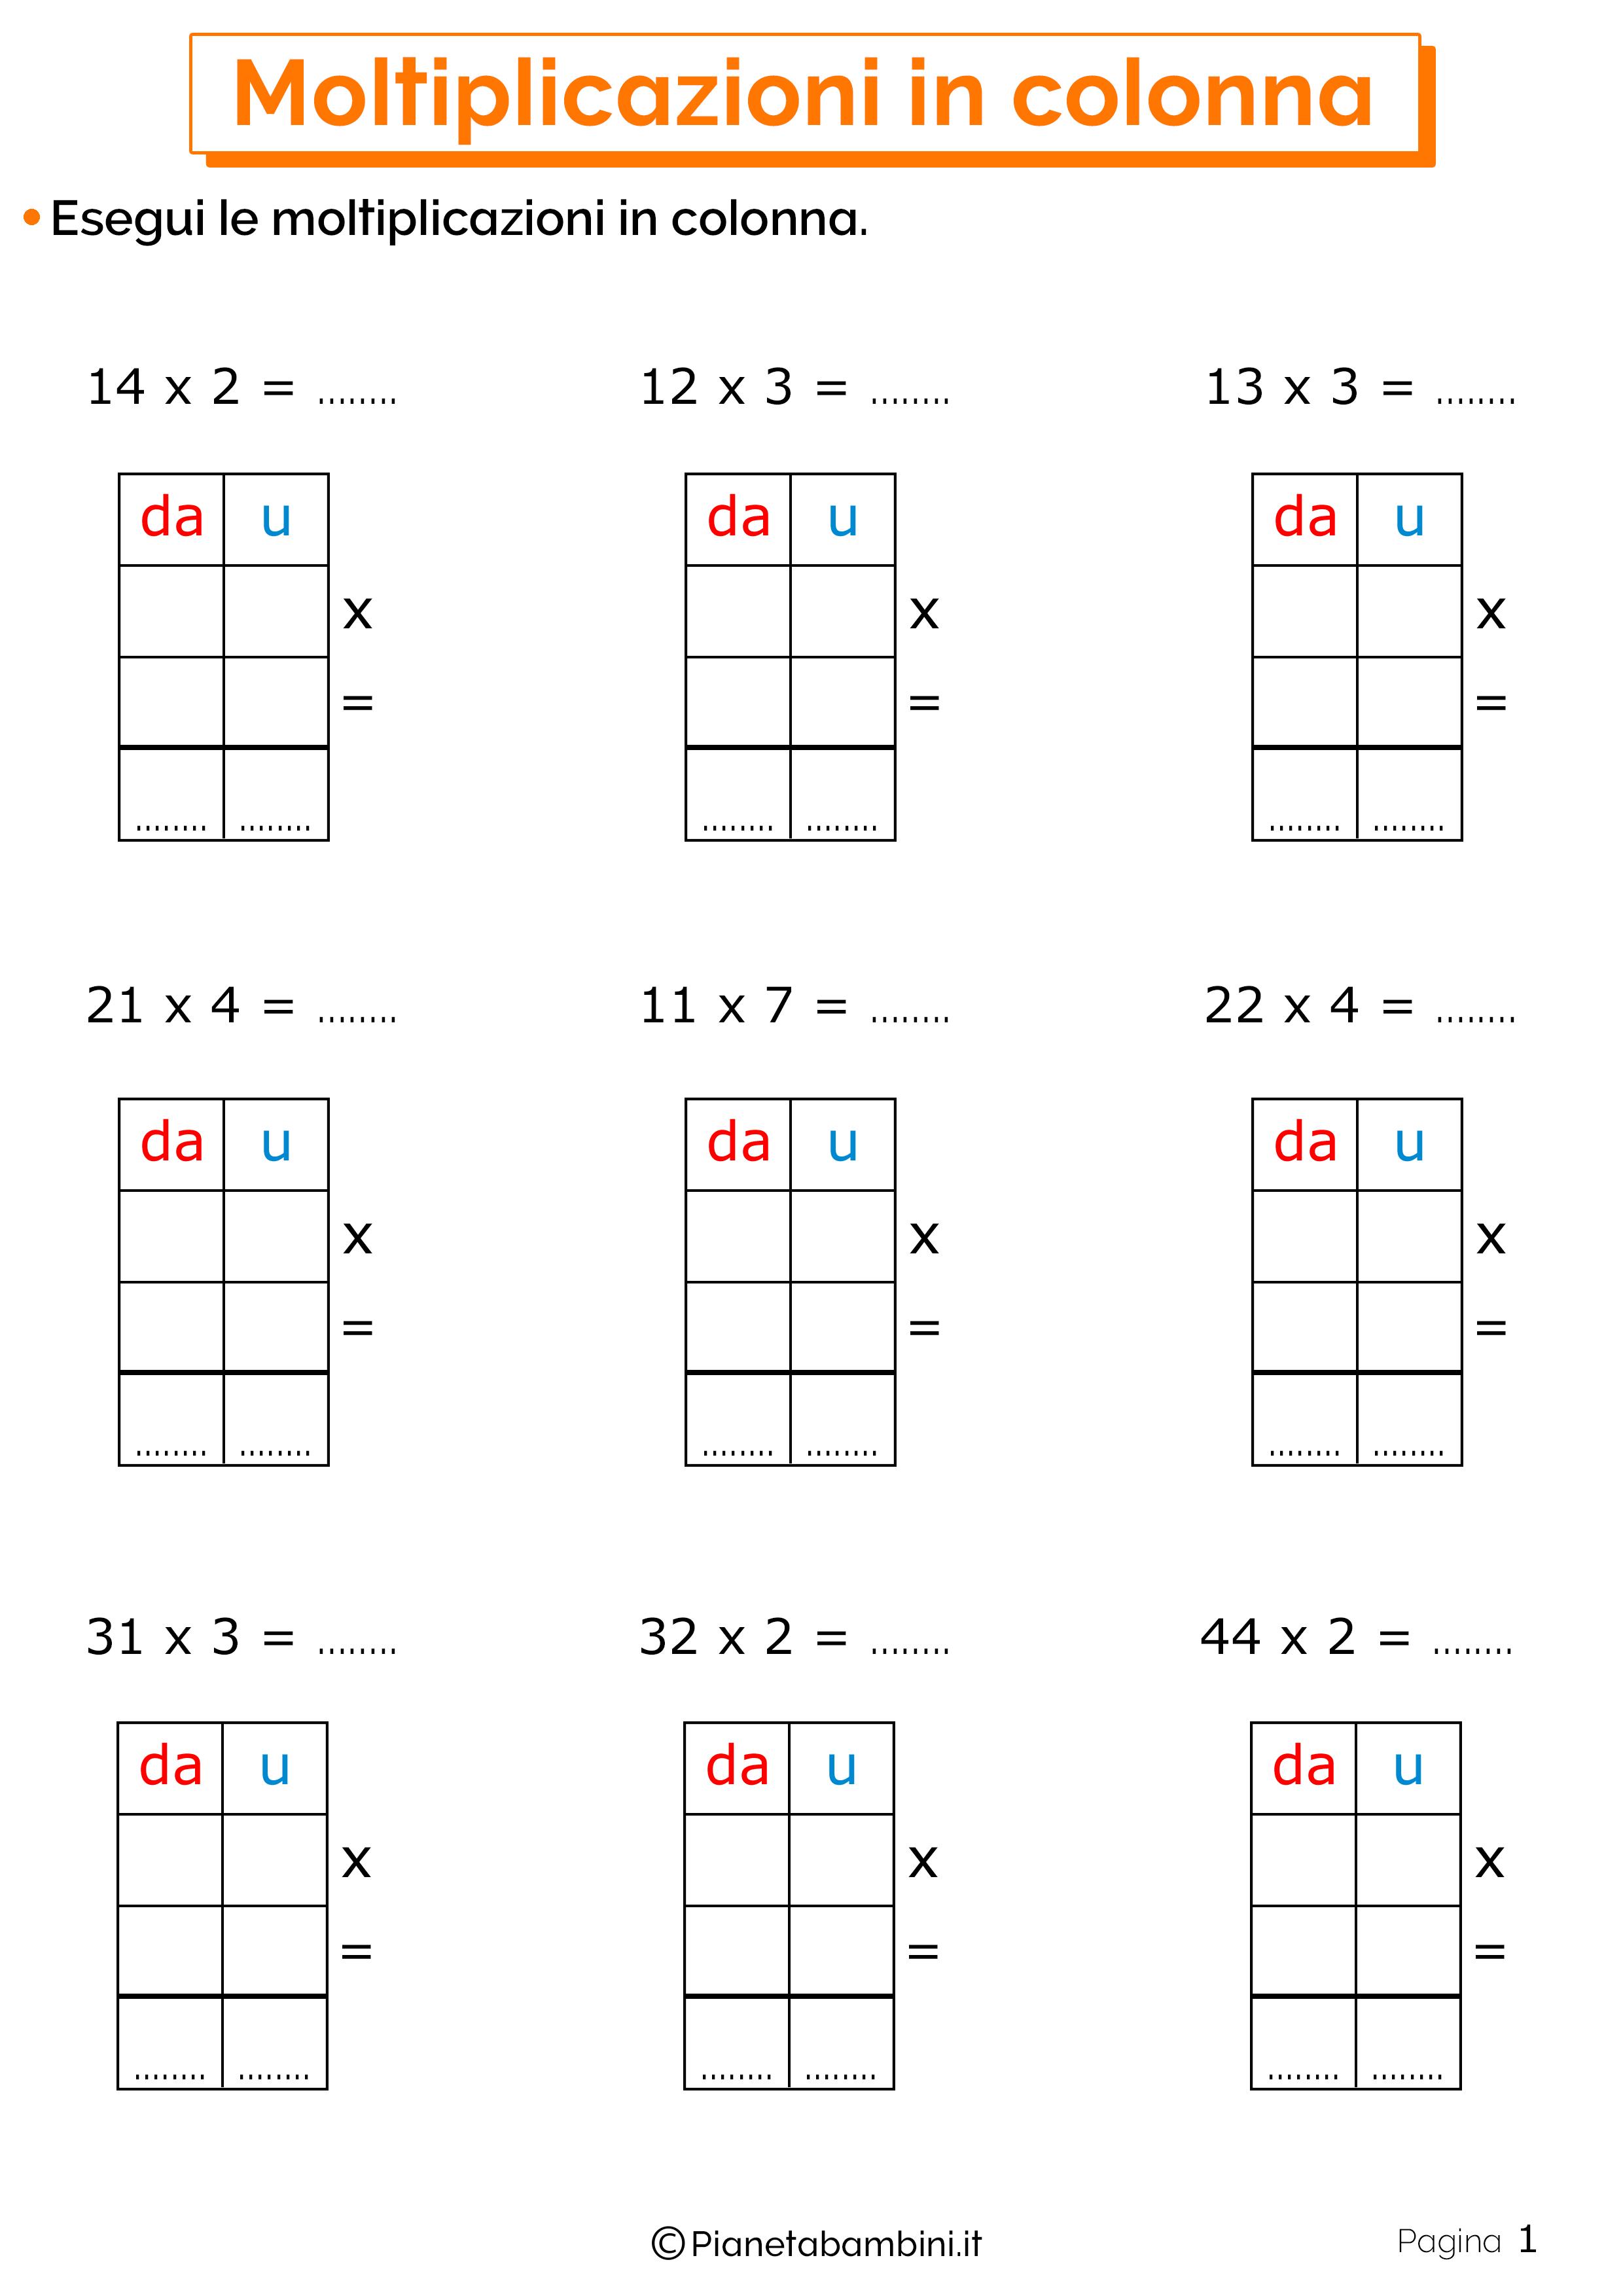 Schede didattiche sulle moltiplicazioni in colonna 1